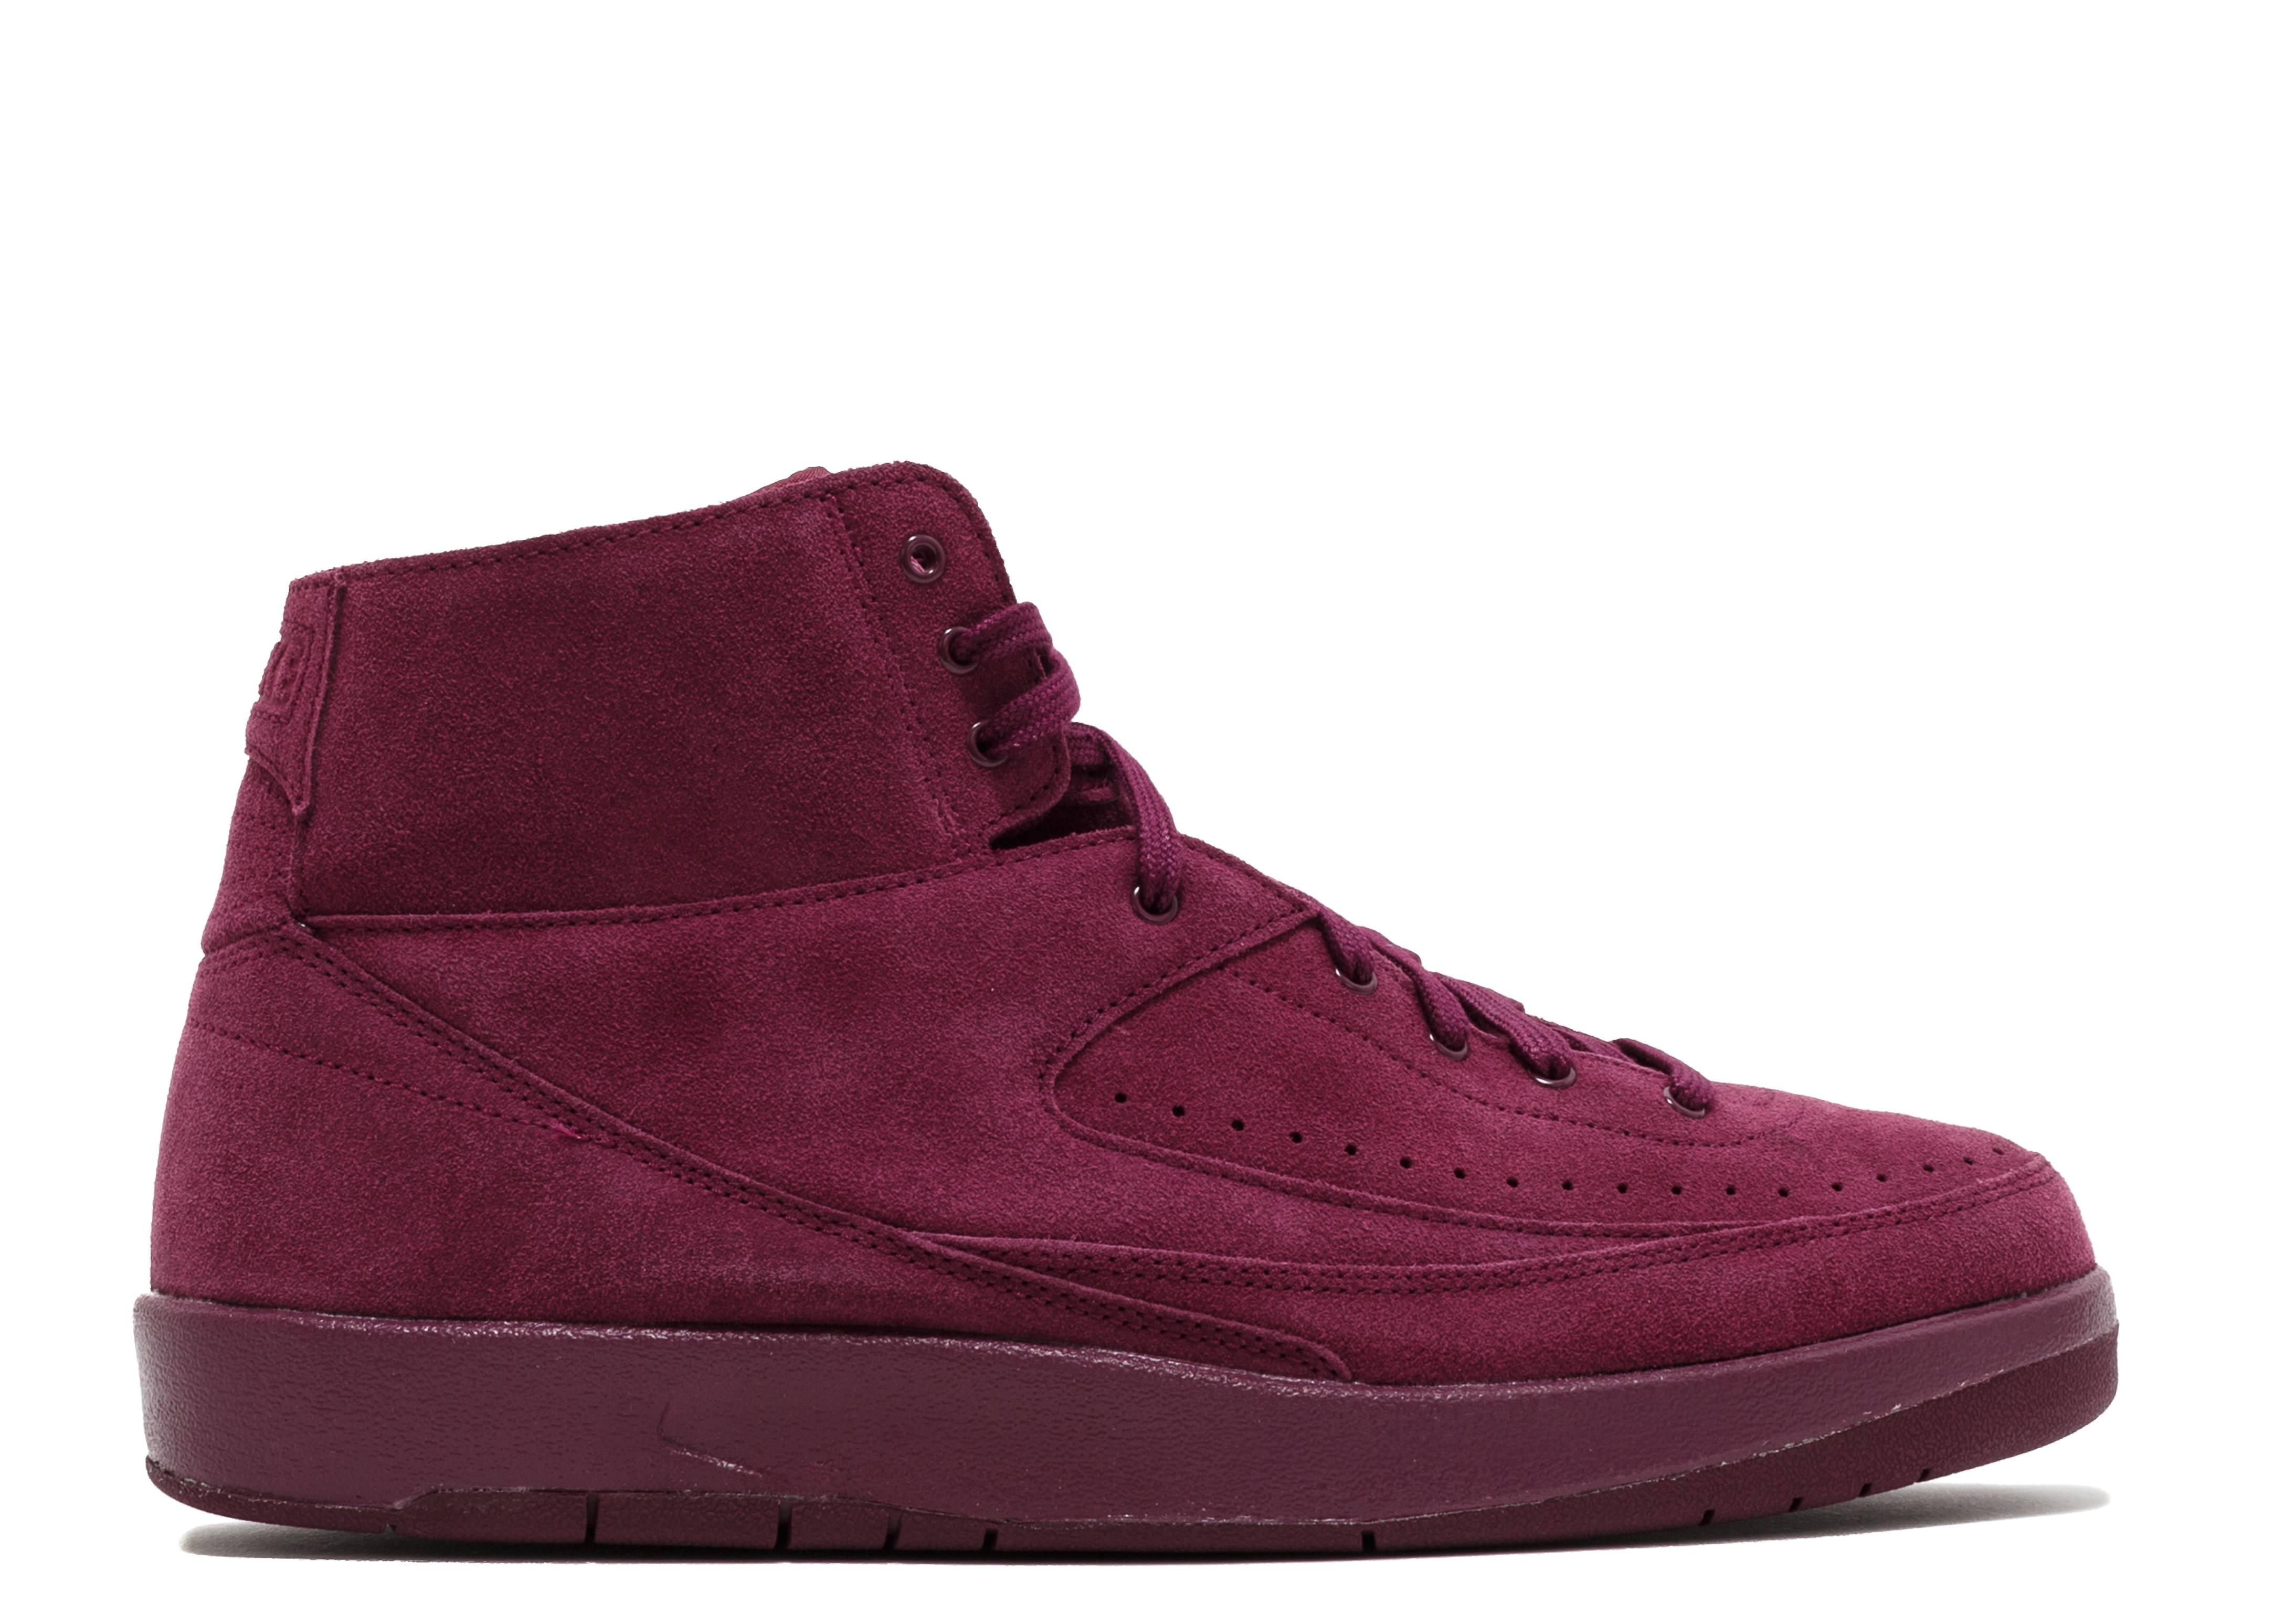 Popular Brand 2017 Nike Air Jordan 2 Retro Decon Beardeaux Size 8 897521-606 Clothing, Shoes & Accessories Men's Shoes